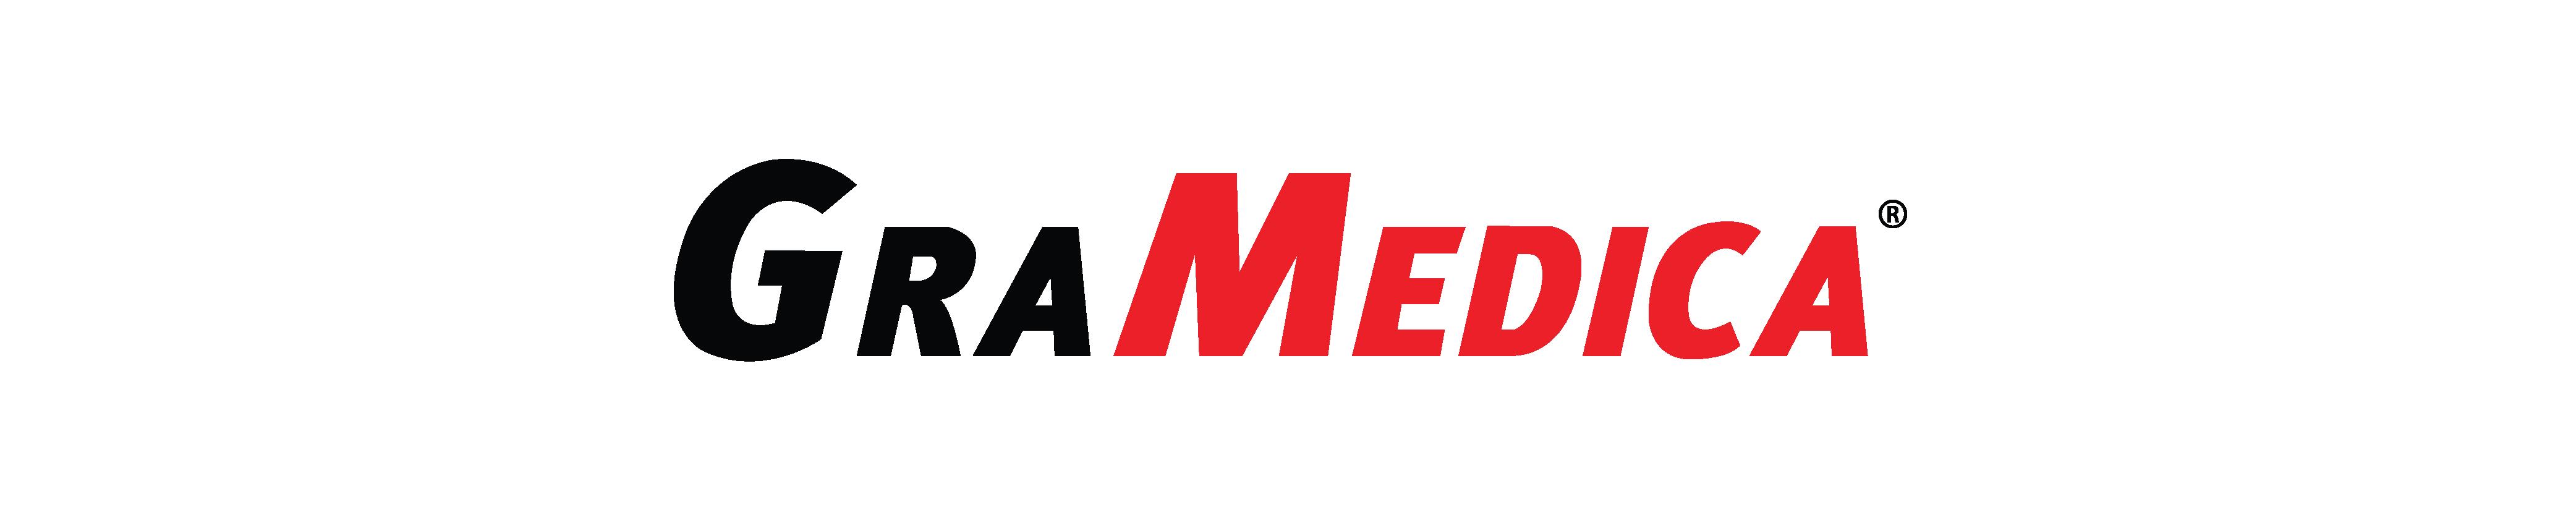 gra-medica-logo-artrolife-01